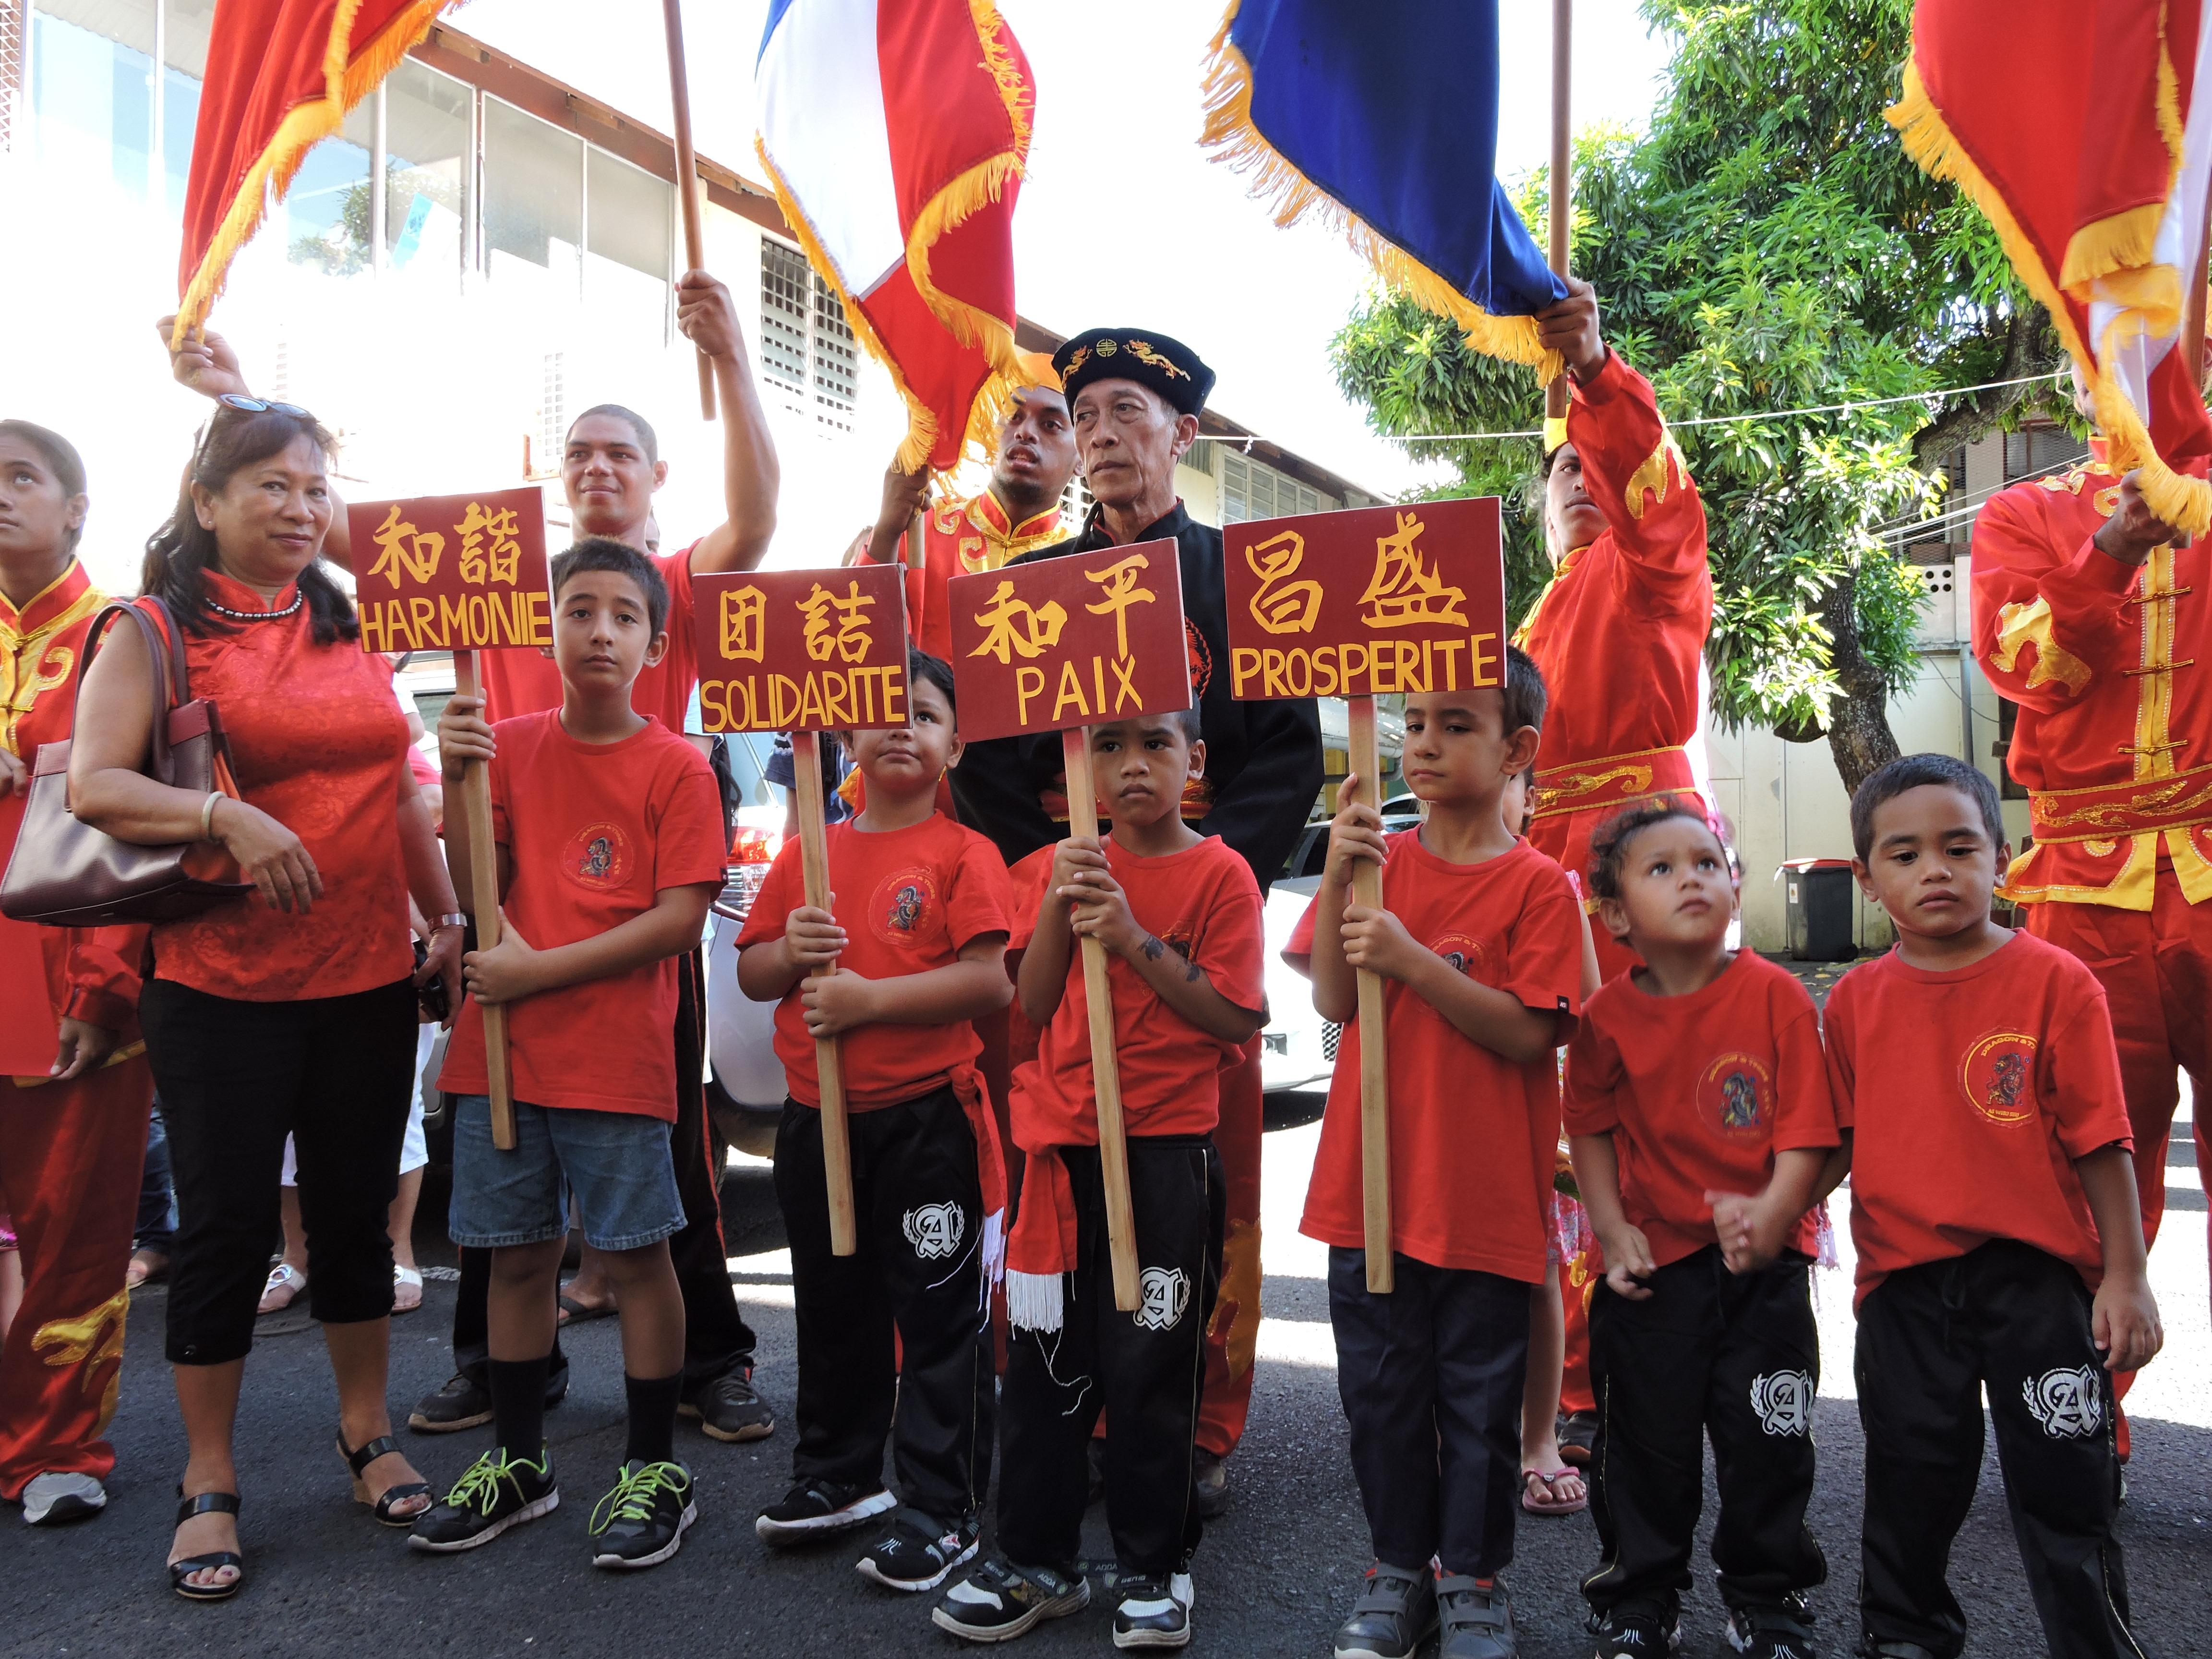 Tous les ans, la Communauté chinoise de Polynésie française fête son Nouvel An. De nombreux Polynésiens y prennent part, les frontières entre cultures ayant pratiquement disparues ©Tahiti Infos